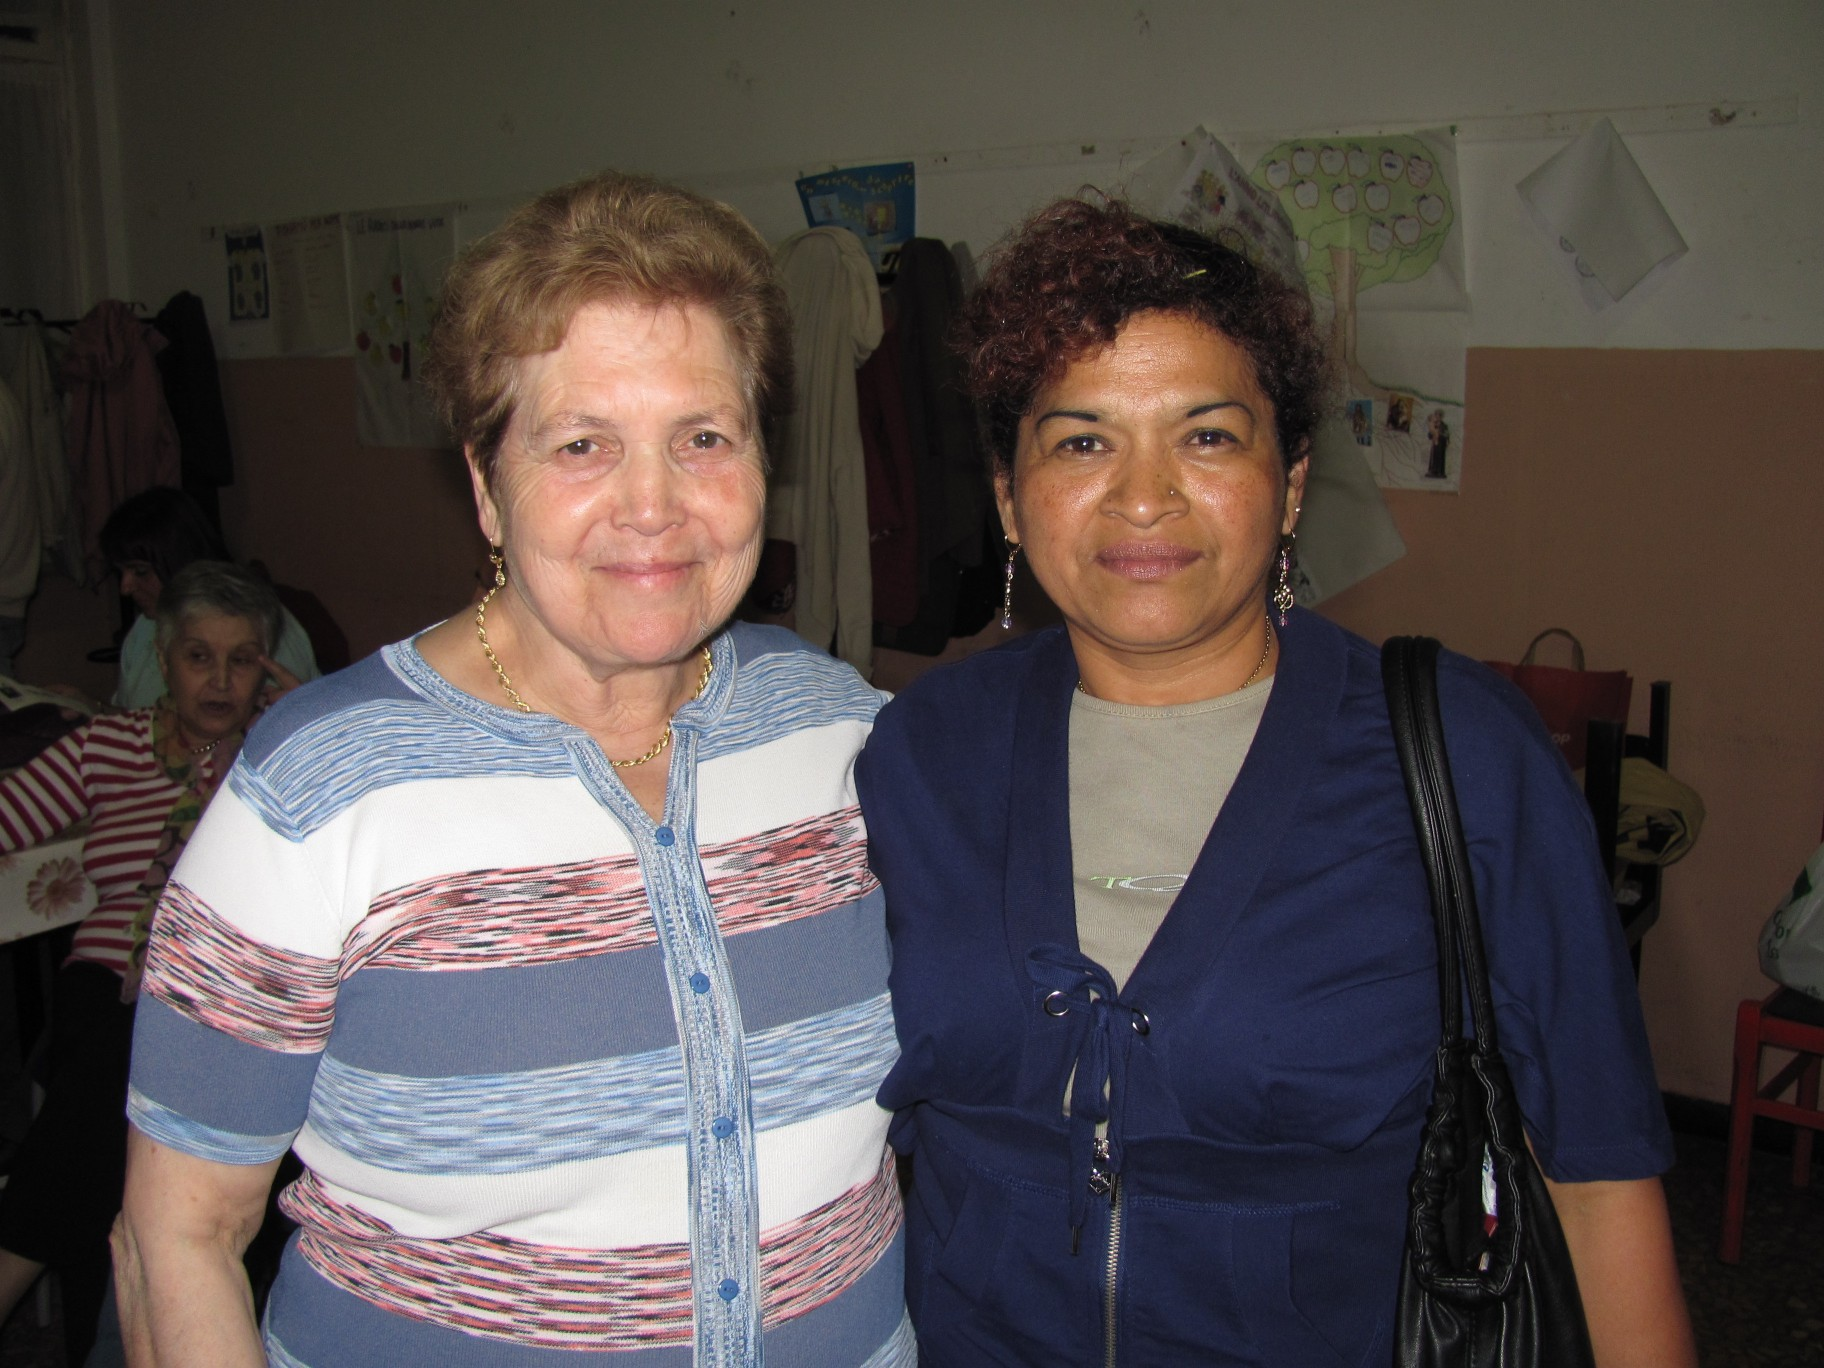 serata_catechiste_coro-2011-06-01-20-16-58